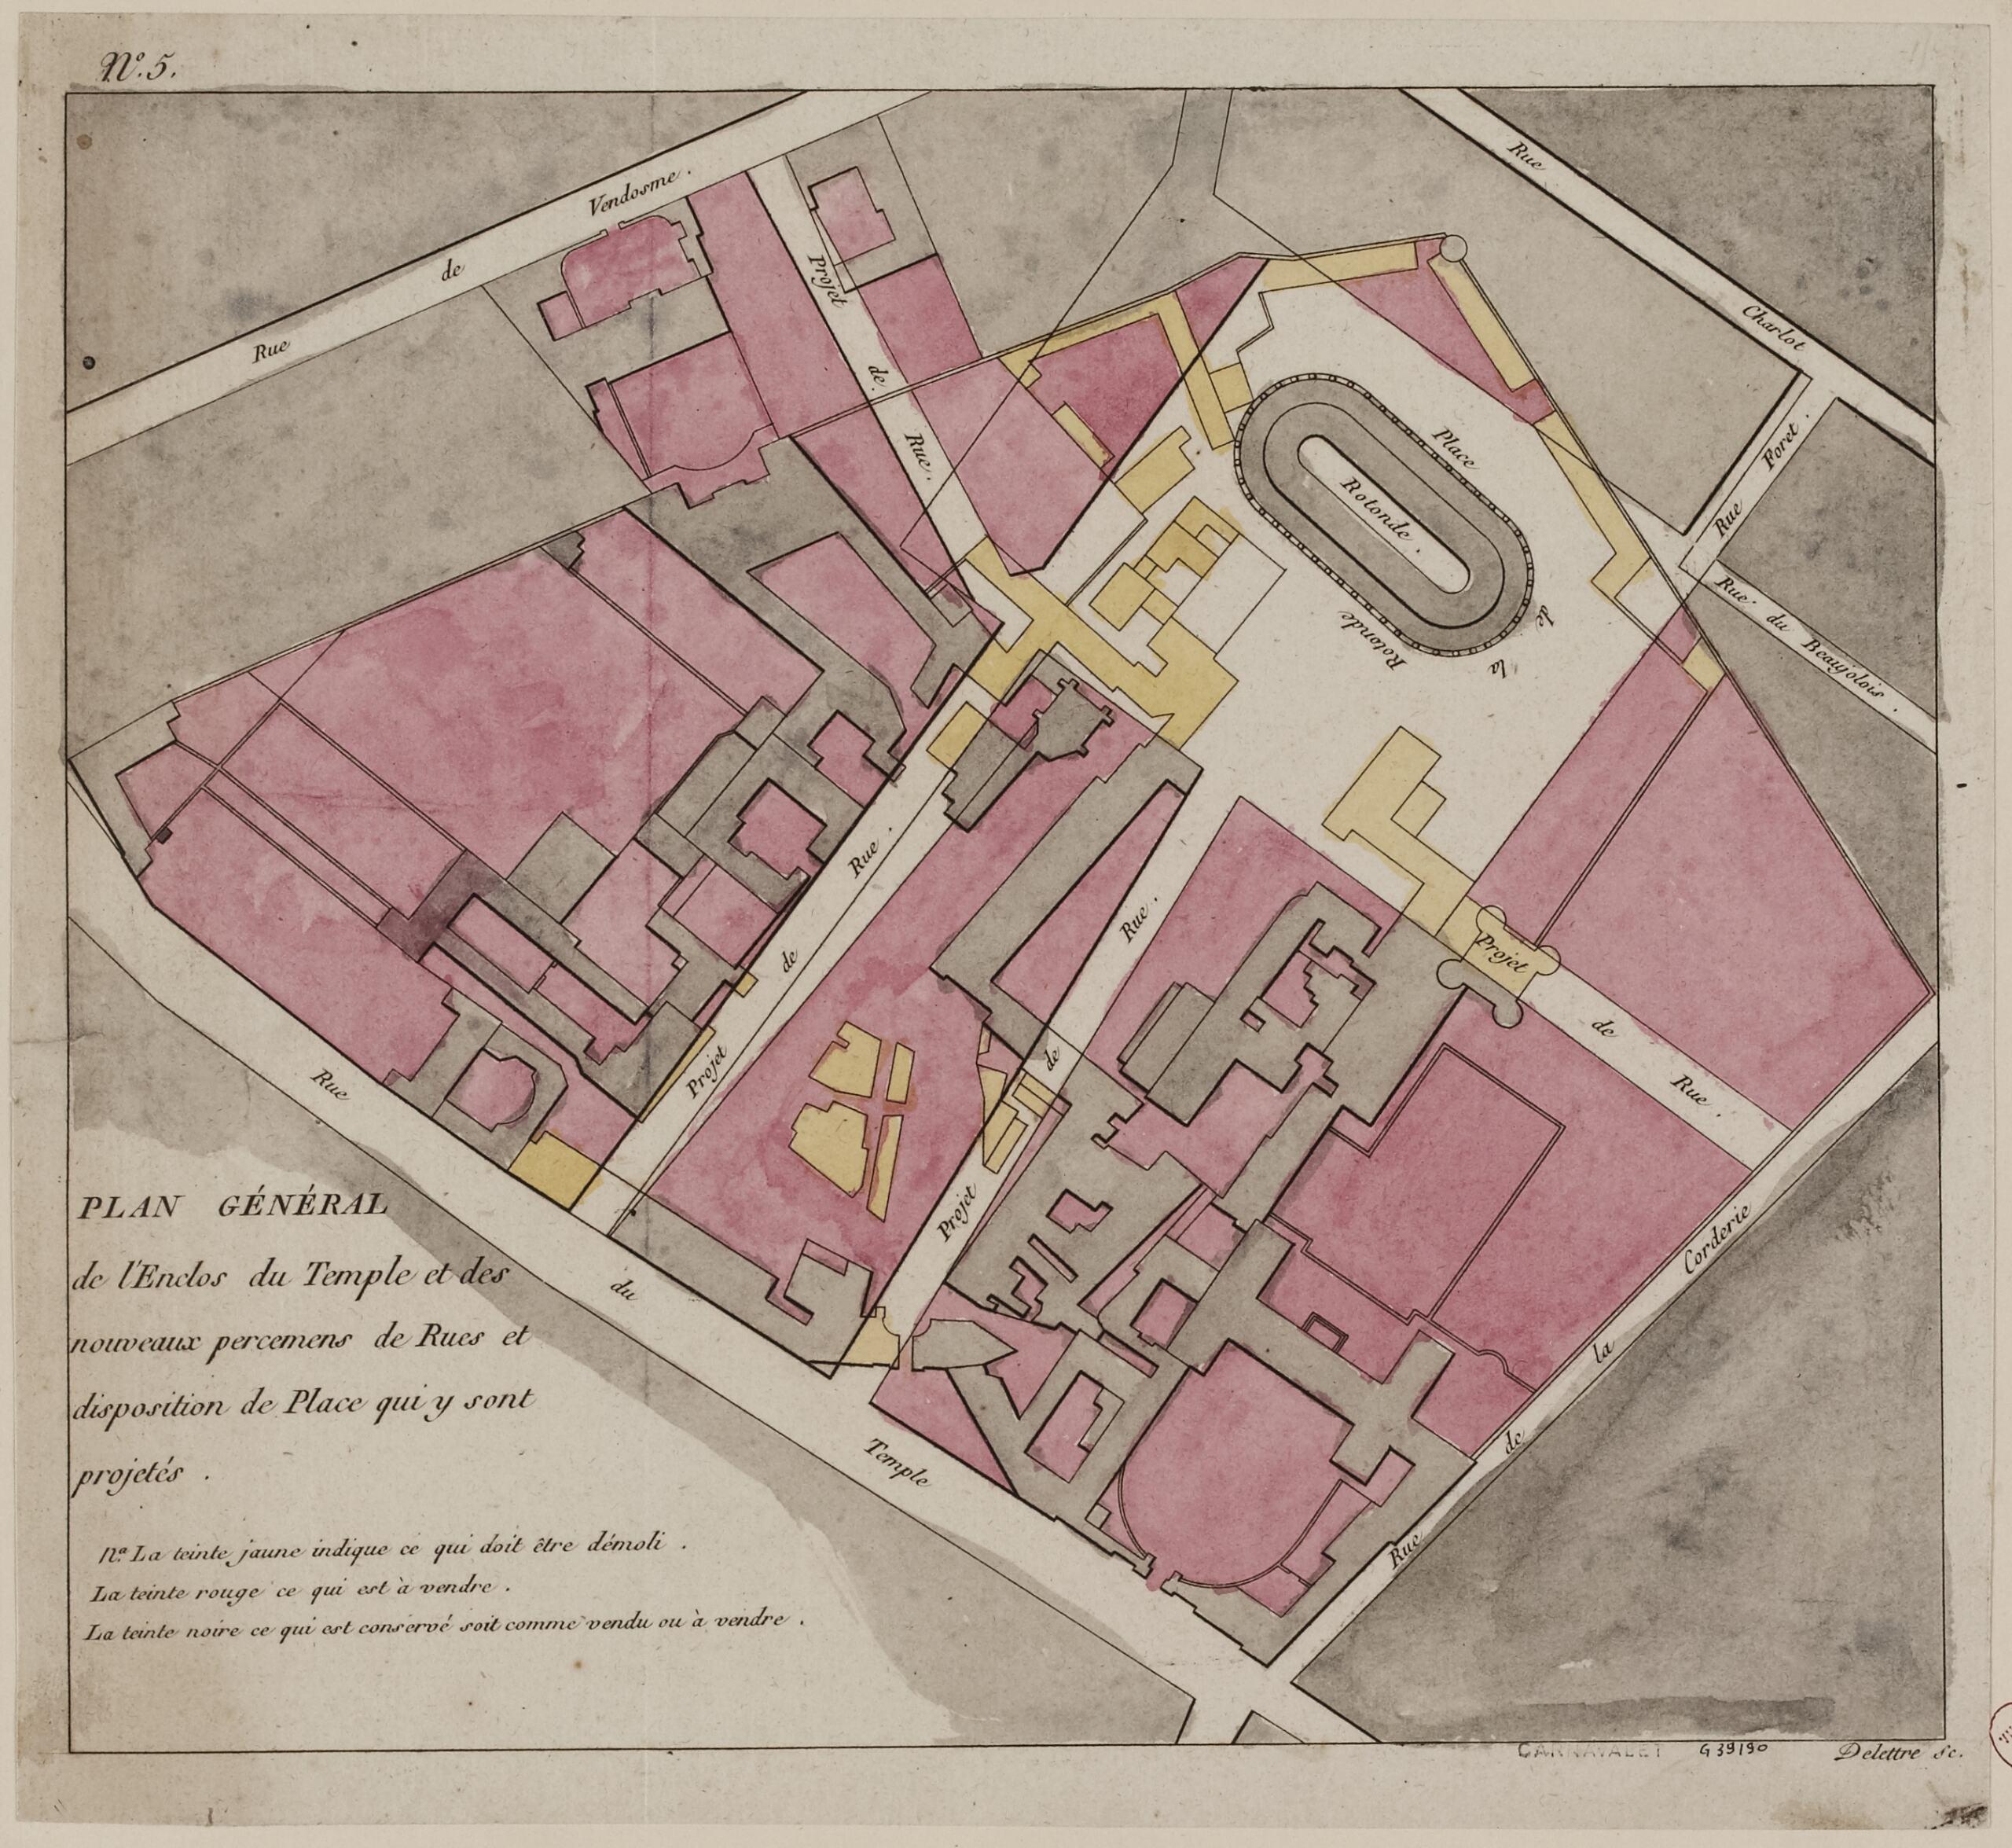 L'enclos du Temple au XVIIIe siècle - Page 3 Genera10